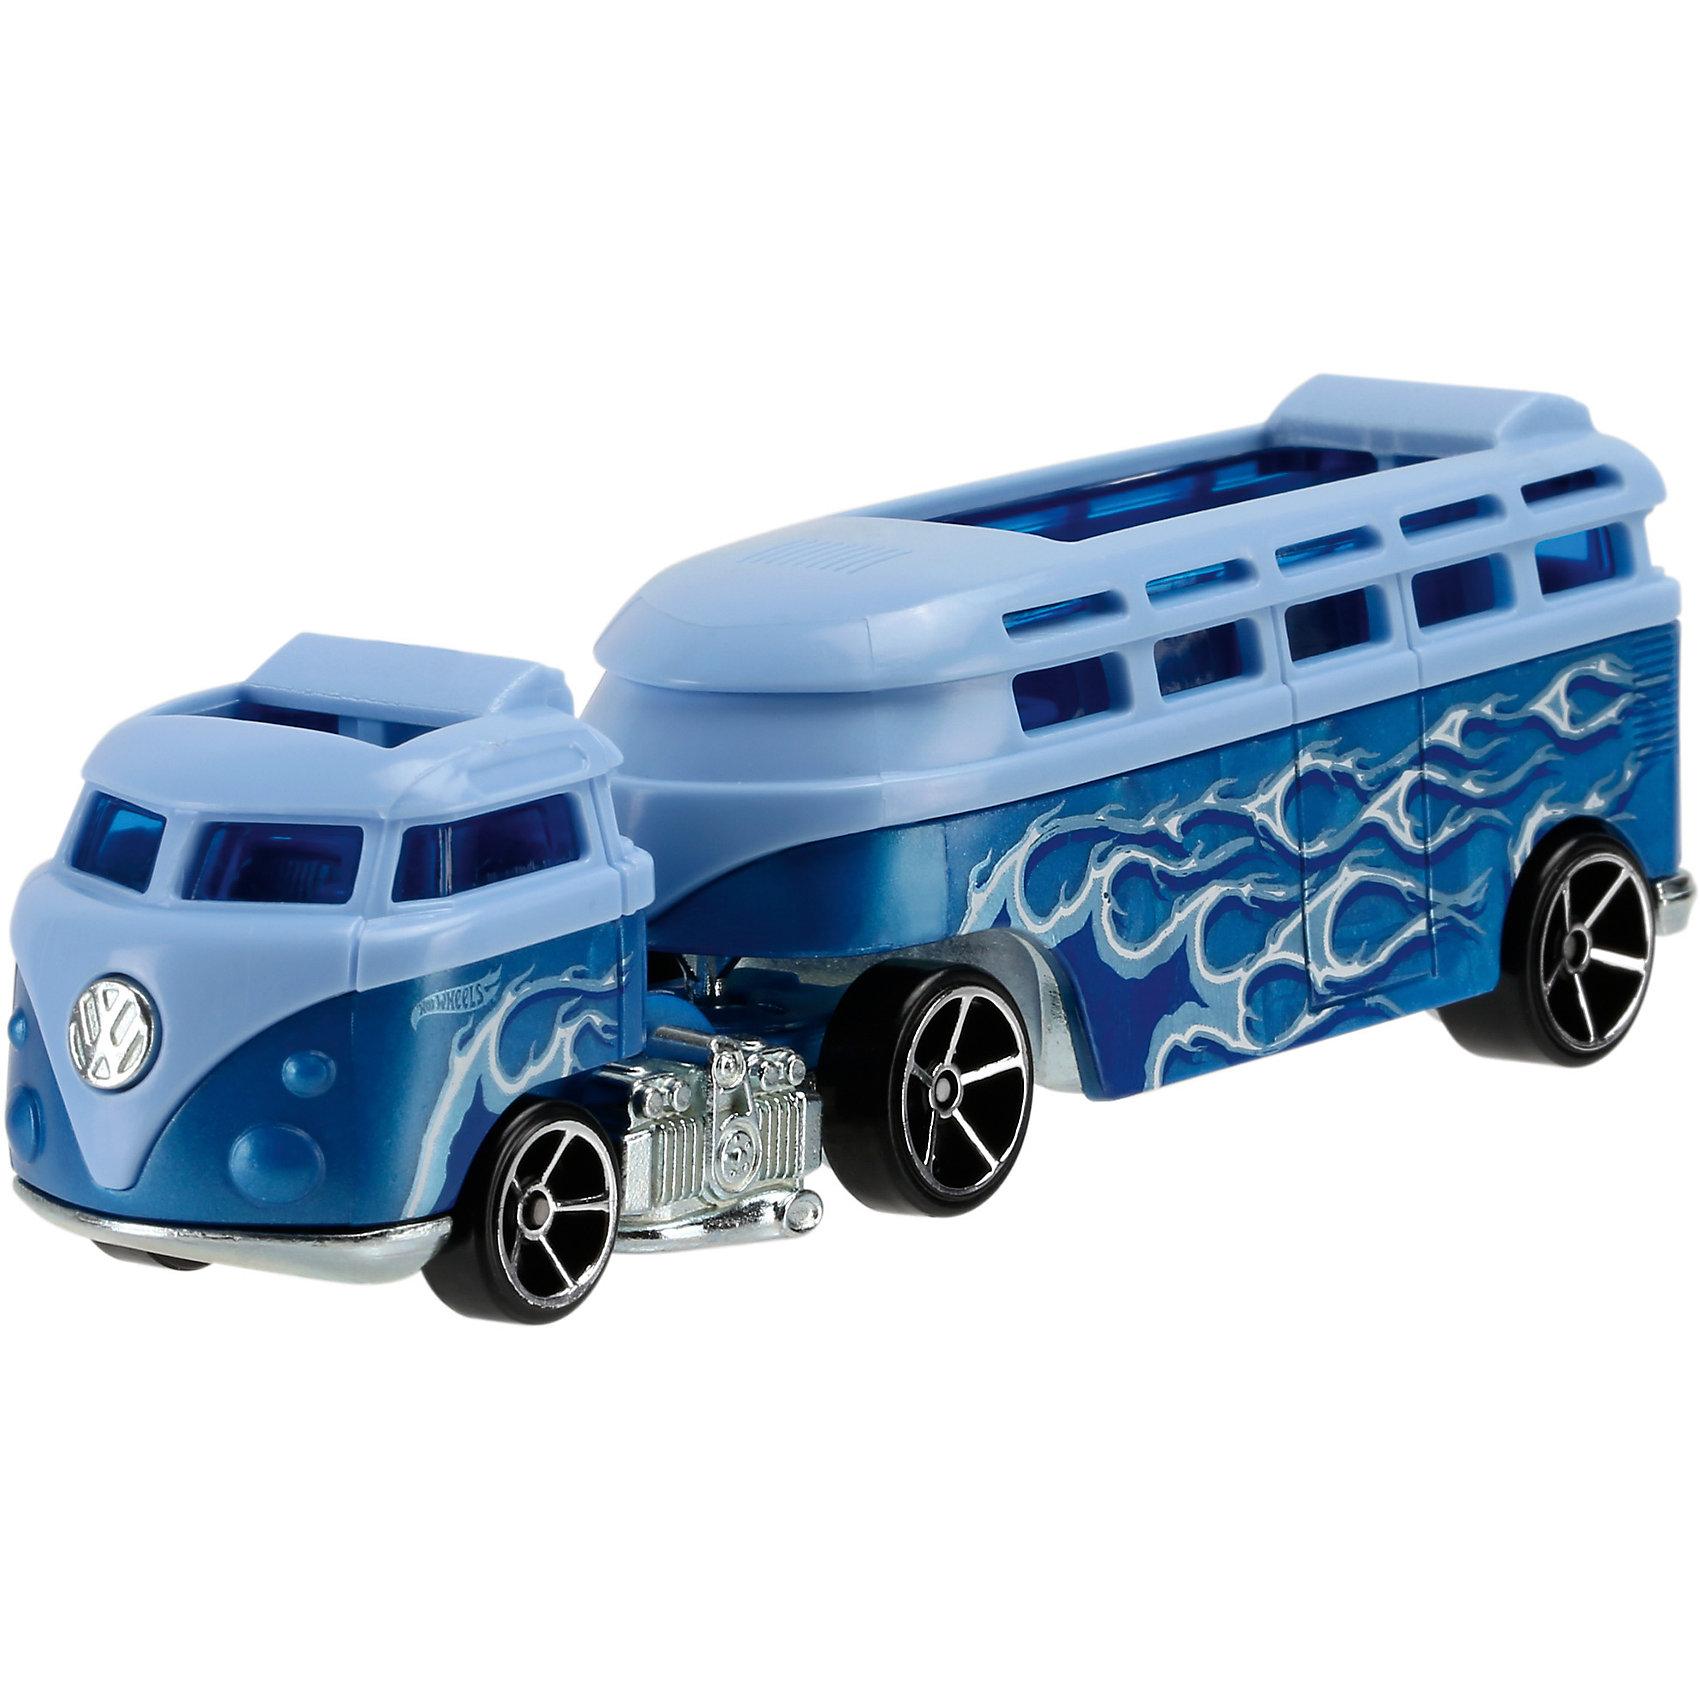 Трейлер базовой коллекции, Hot WheelsПопулярные игрушки<br>«Трейлер» базовой комплектации, Hot Wheels (Хот Вилс) – потрясающе реалистичный грузовик-трейлер, который придется по душе любому мальчишке.  Трейлер выполнен из металла, а значит сможет выдержать любые испытания, которые приготовит для него Ваш ребенок. В трейлерах-грузовиках Hot Wheels (Хот Вилс) есть возможность менять прицепы, что позволяет каждый раз создавать новые комбинации.  <br><br>Дополнительная информация: <br><br>- Материал: пластик <br>- Длина: около 28 см  <br><br>«Трейлер» базовой комплектации, Hot Wheels (Хот Вилс) – прекрасный подарок для Вашего ребенка. Ему непременно захочется собрать всю коллекцию и каждый раз создавать новый вид трейлеров.  <br><br>«Трейлер» базовой комплектации, Hot Wheels (Хот Вилс) можно купить в нашем магазине.<br><br>Ширина мм: 40<br>Глубина мм: 130<br>Высота мм: 110<br>Вес г: 126<br>Возраст от месяцев: 48<br>Возраст до месяцев: 96<br>Пол: Мужской<br>Возраст: Детский<br>SKU: 4918792